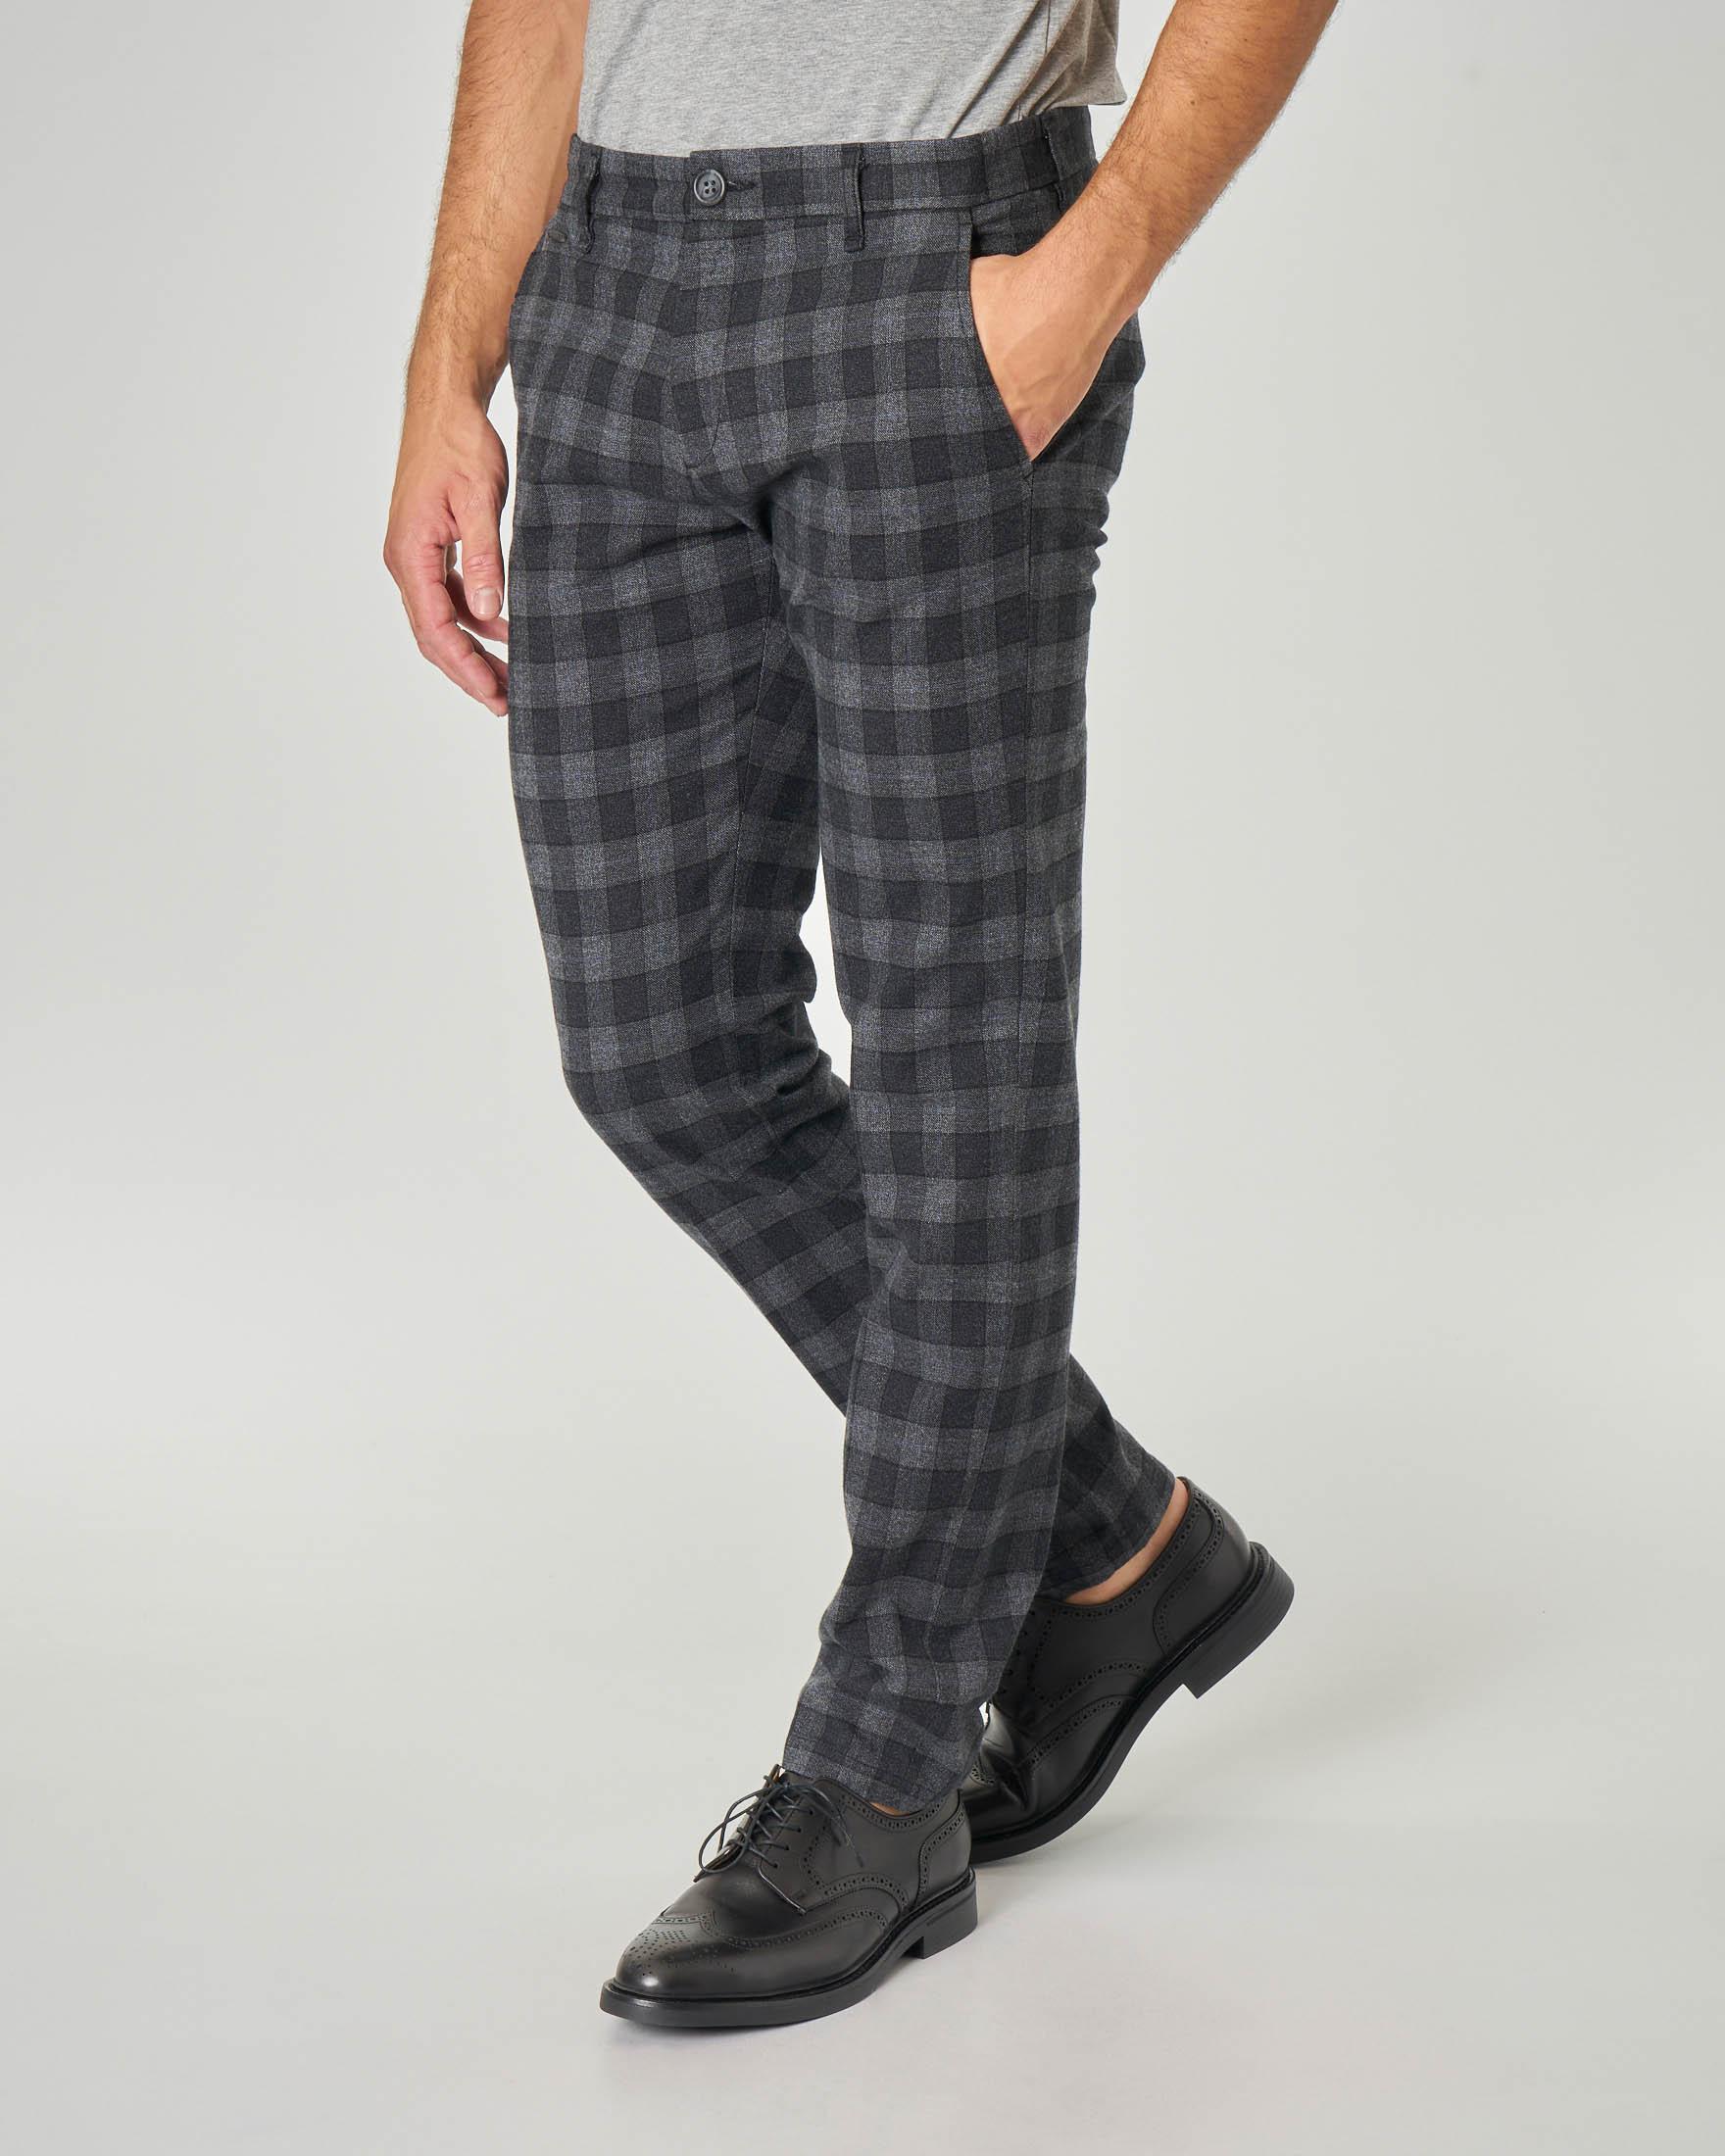 Pantalone chino grigio a quadretti